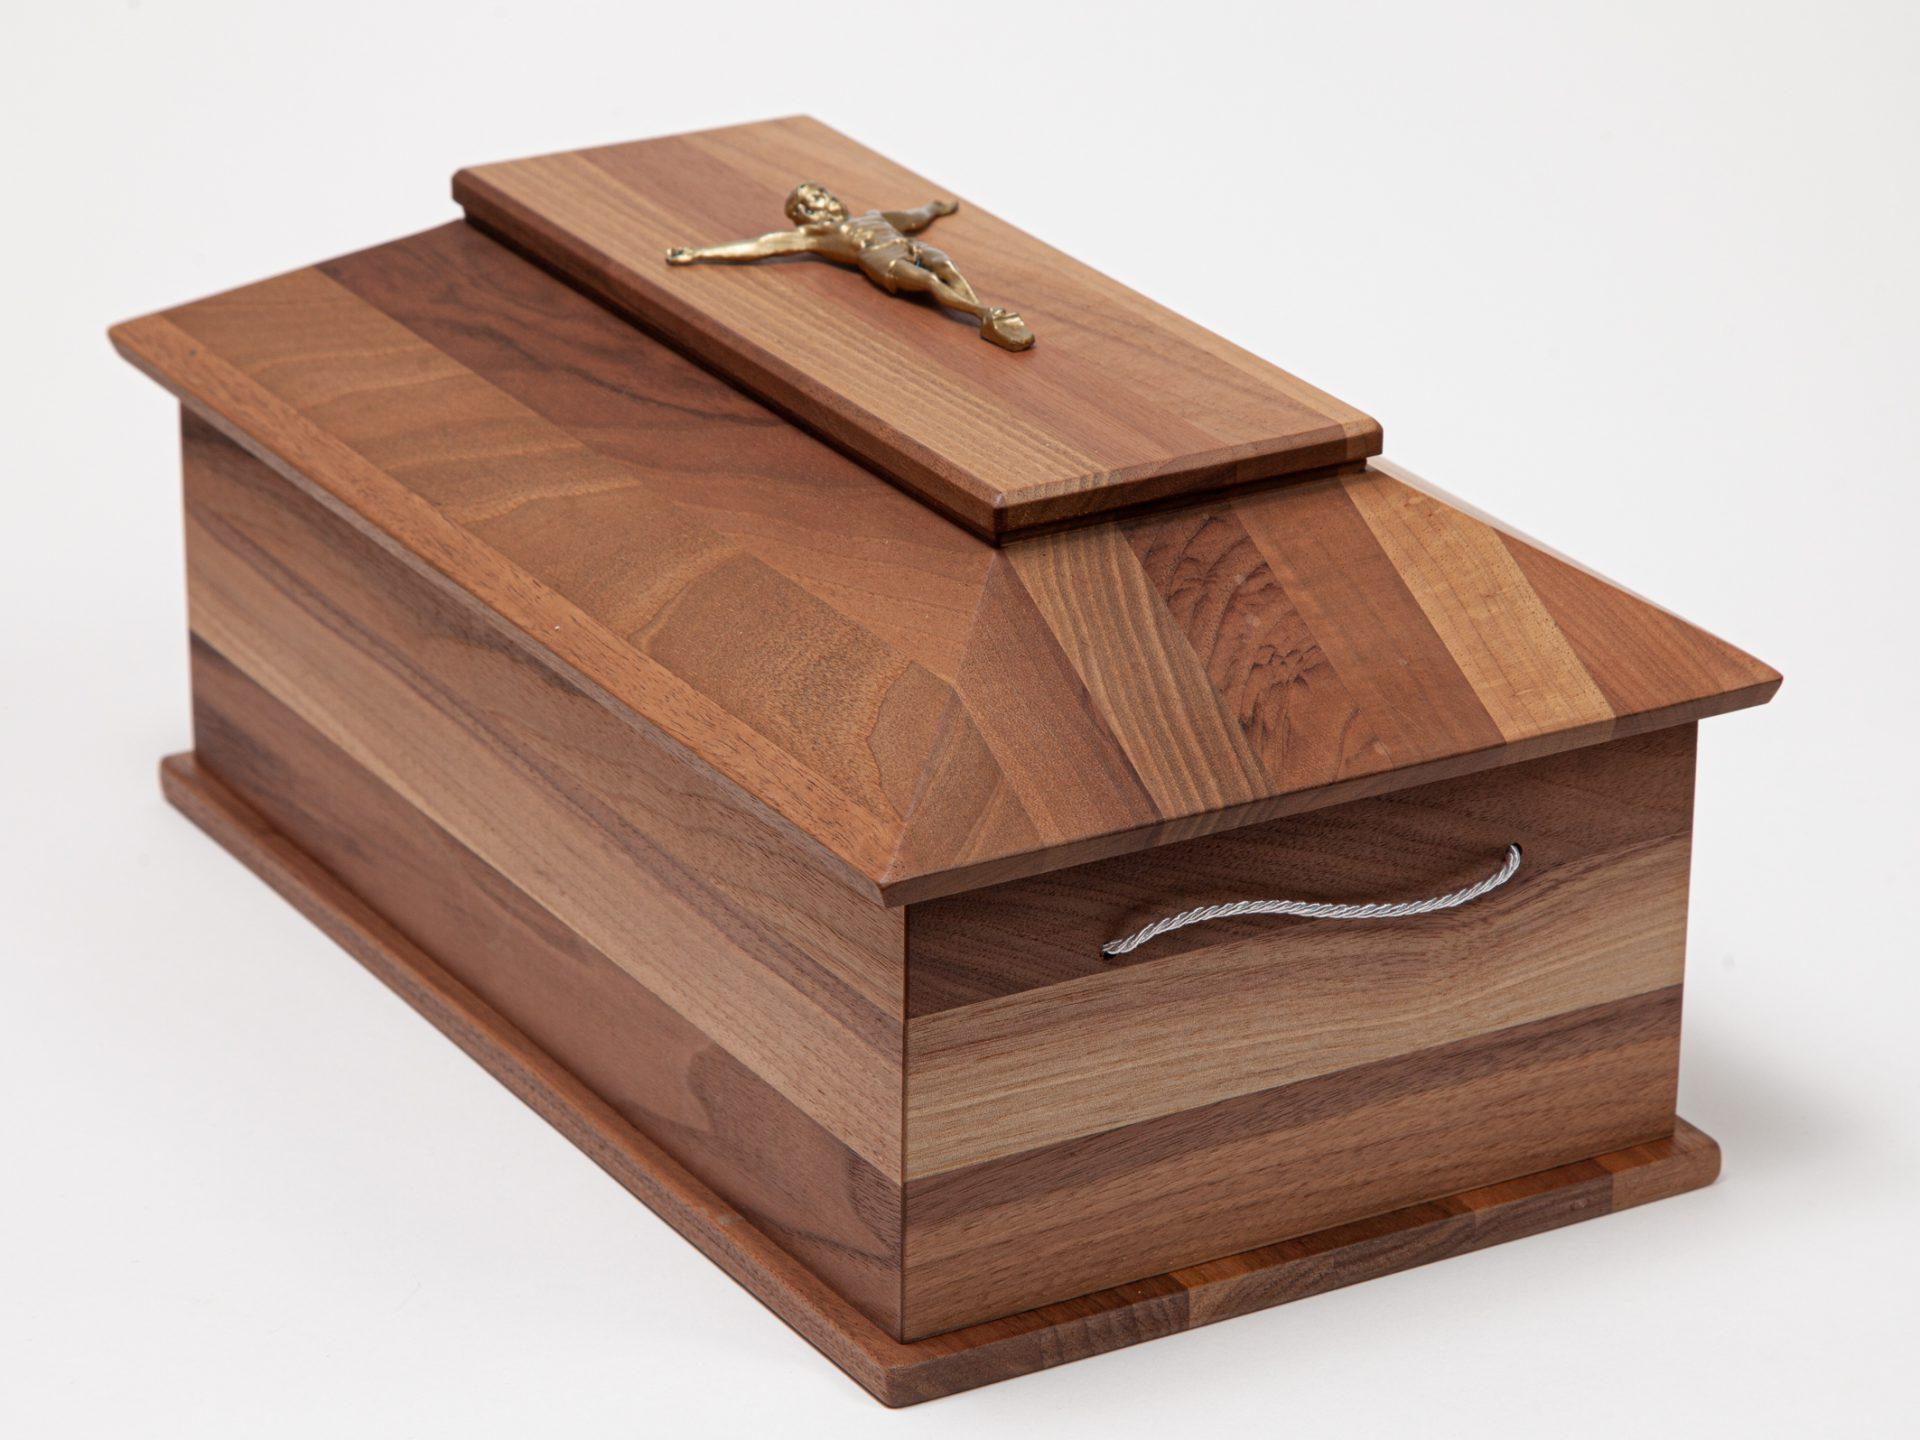 lesena-eko-zara-pogrebne-storitve-lavanda-5